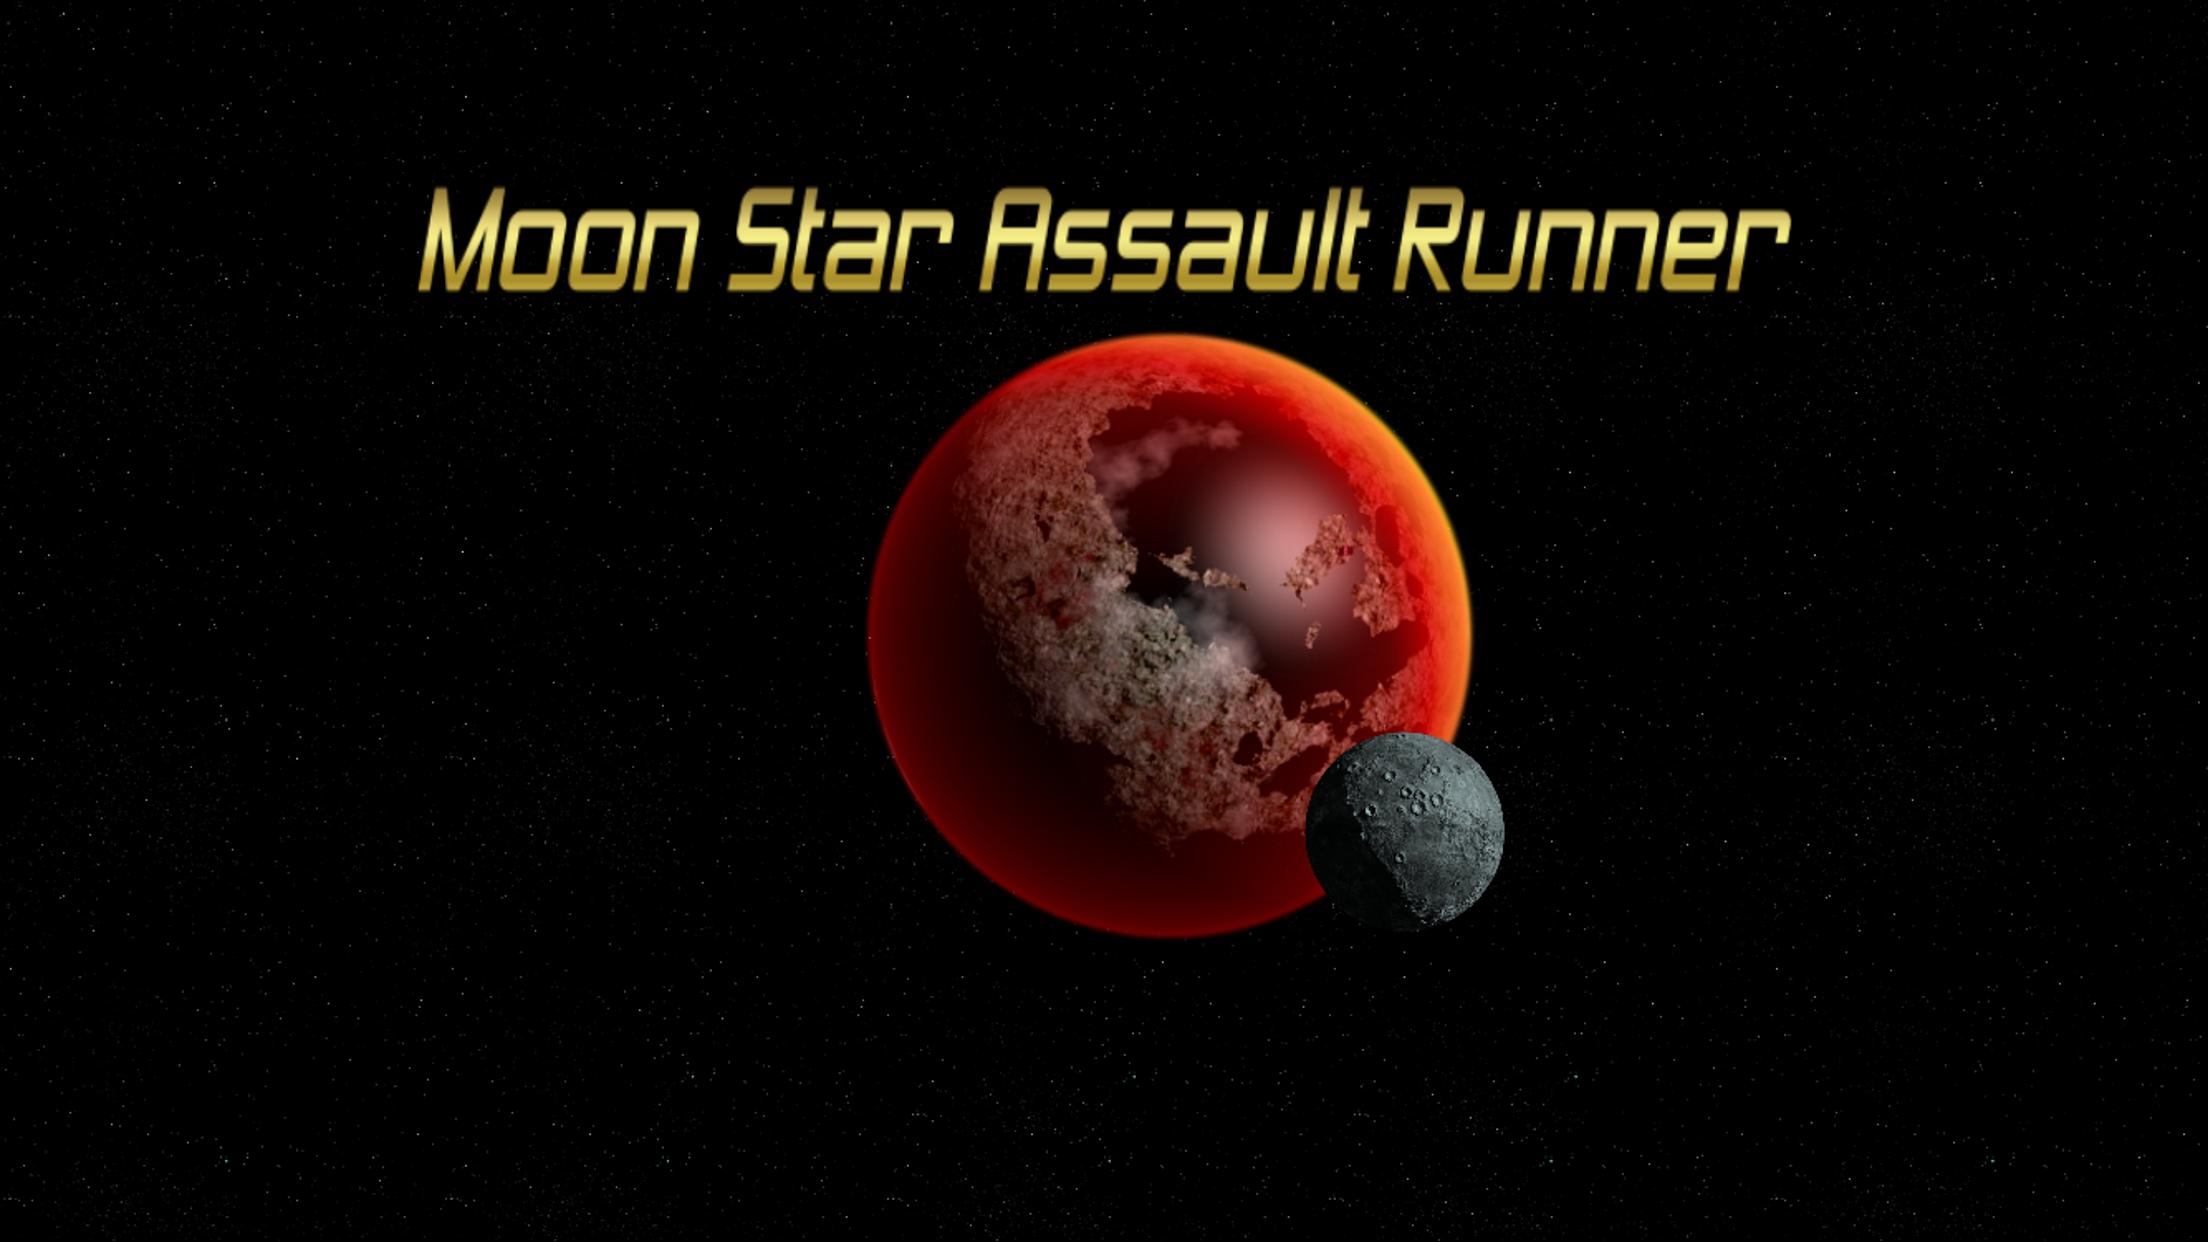 MoonStar Assault Runner